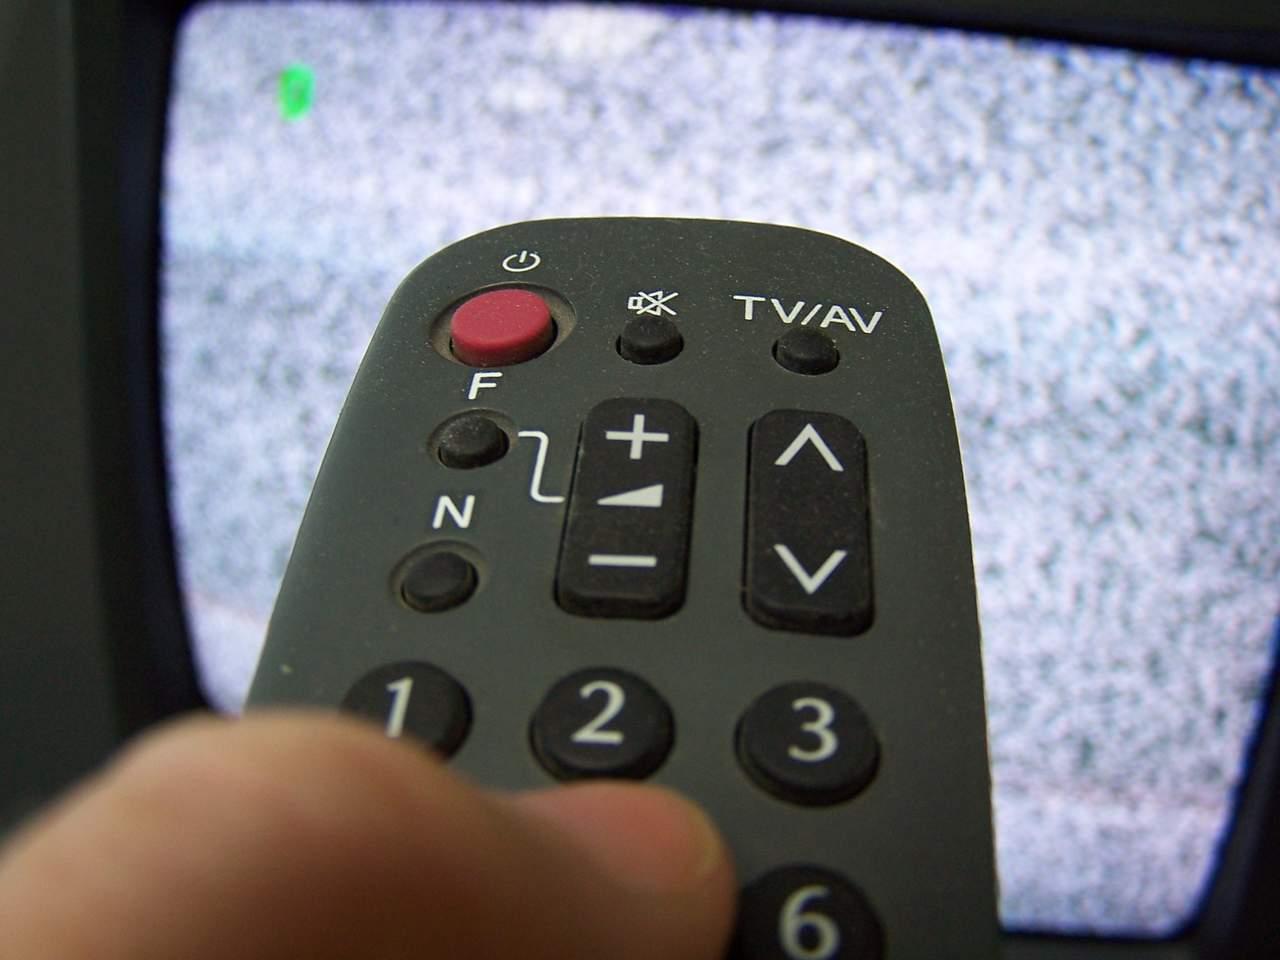 Προειδοποίηση ΕΣΡ για ανάκληση αδειών σε τηλεοπτικούς σταθμούς | Newsit.gr